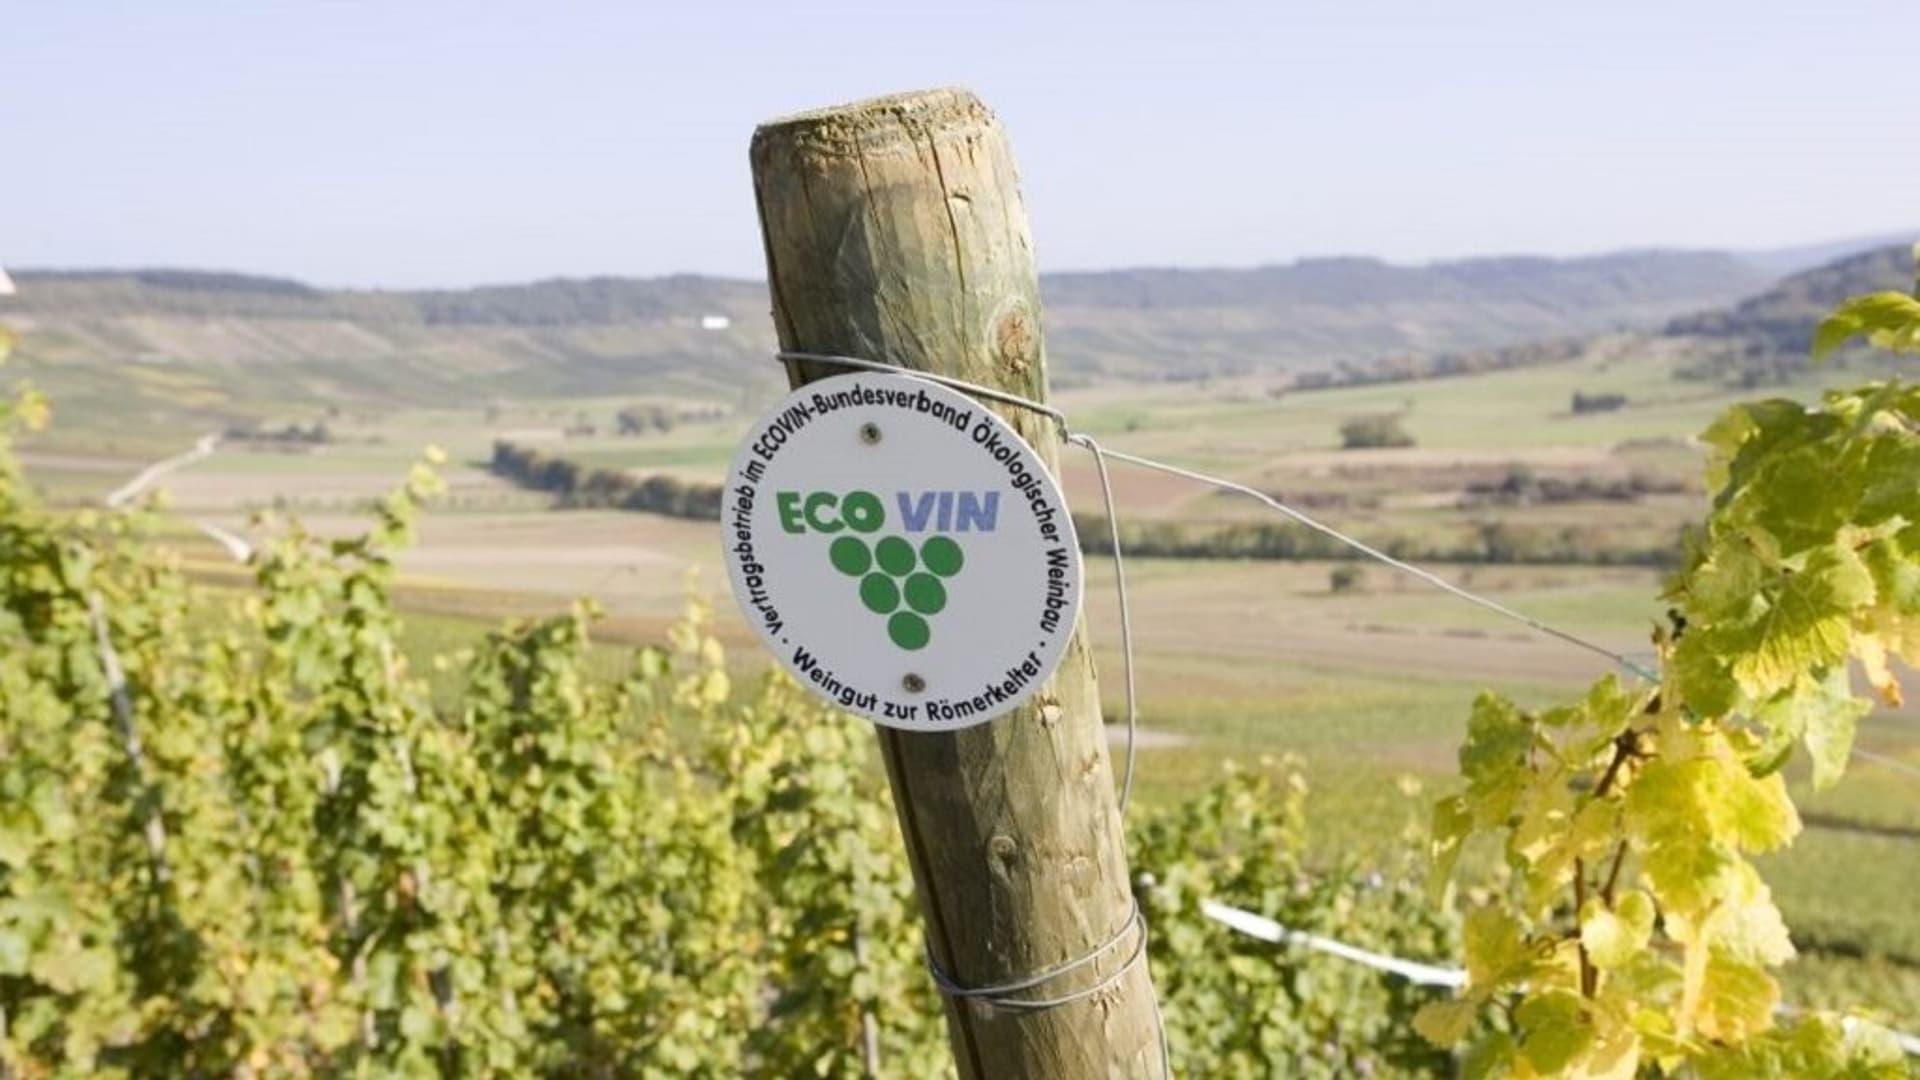 Ecovin Bio Wein